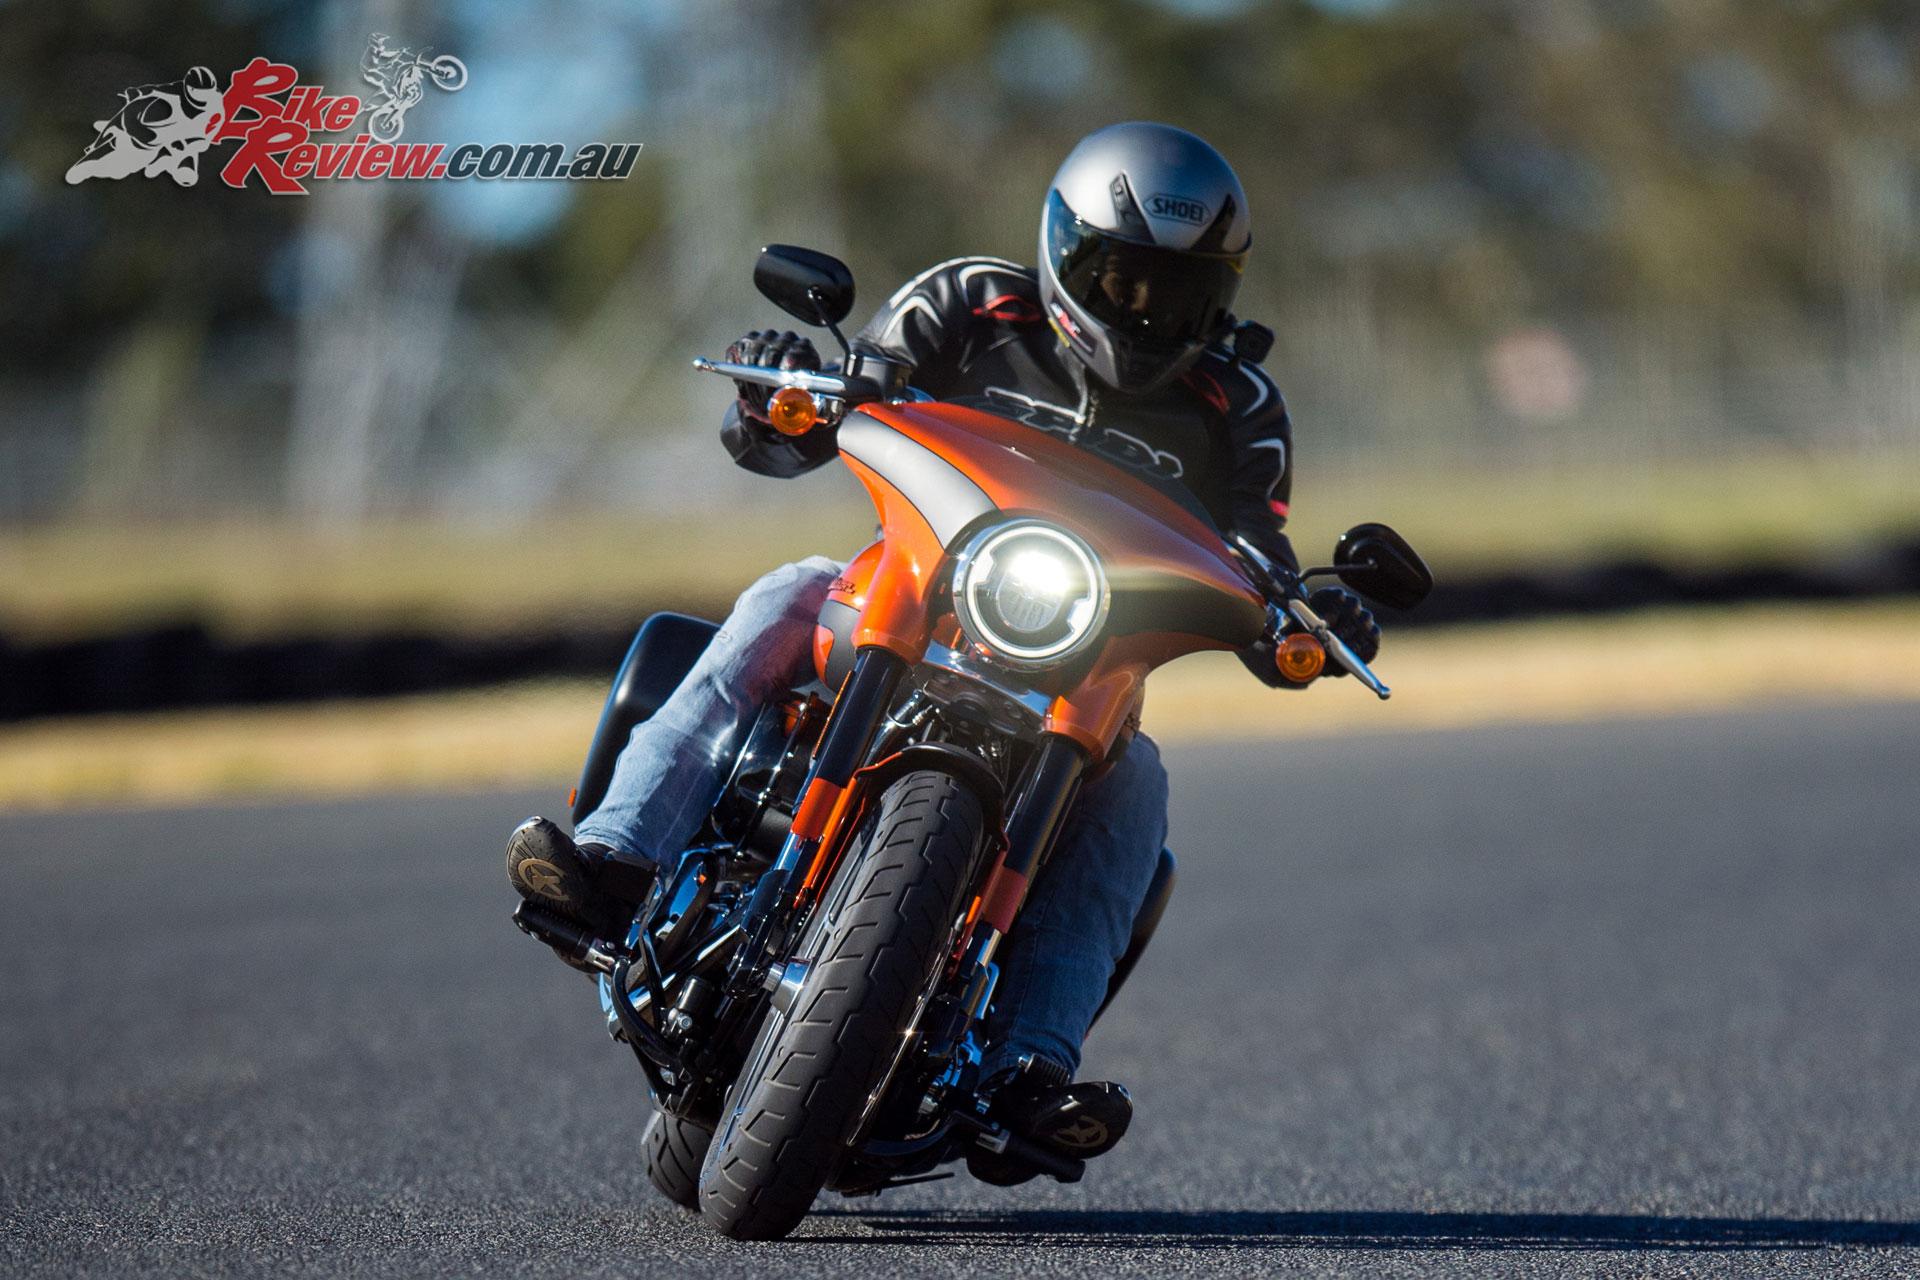 2019 Harley-Davidson Softail Tour - Sport Glide